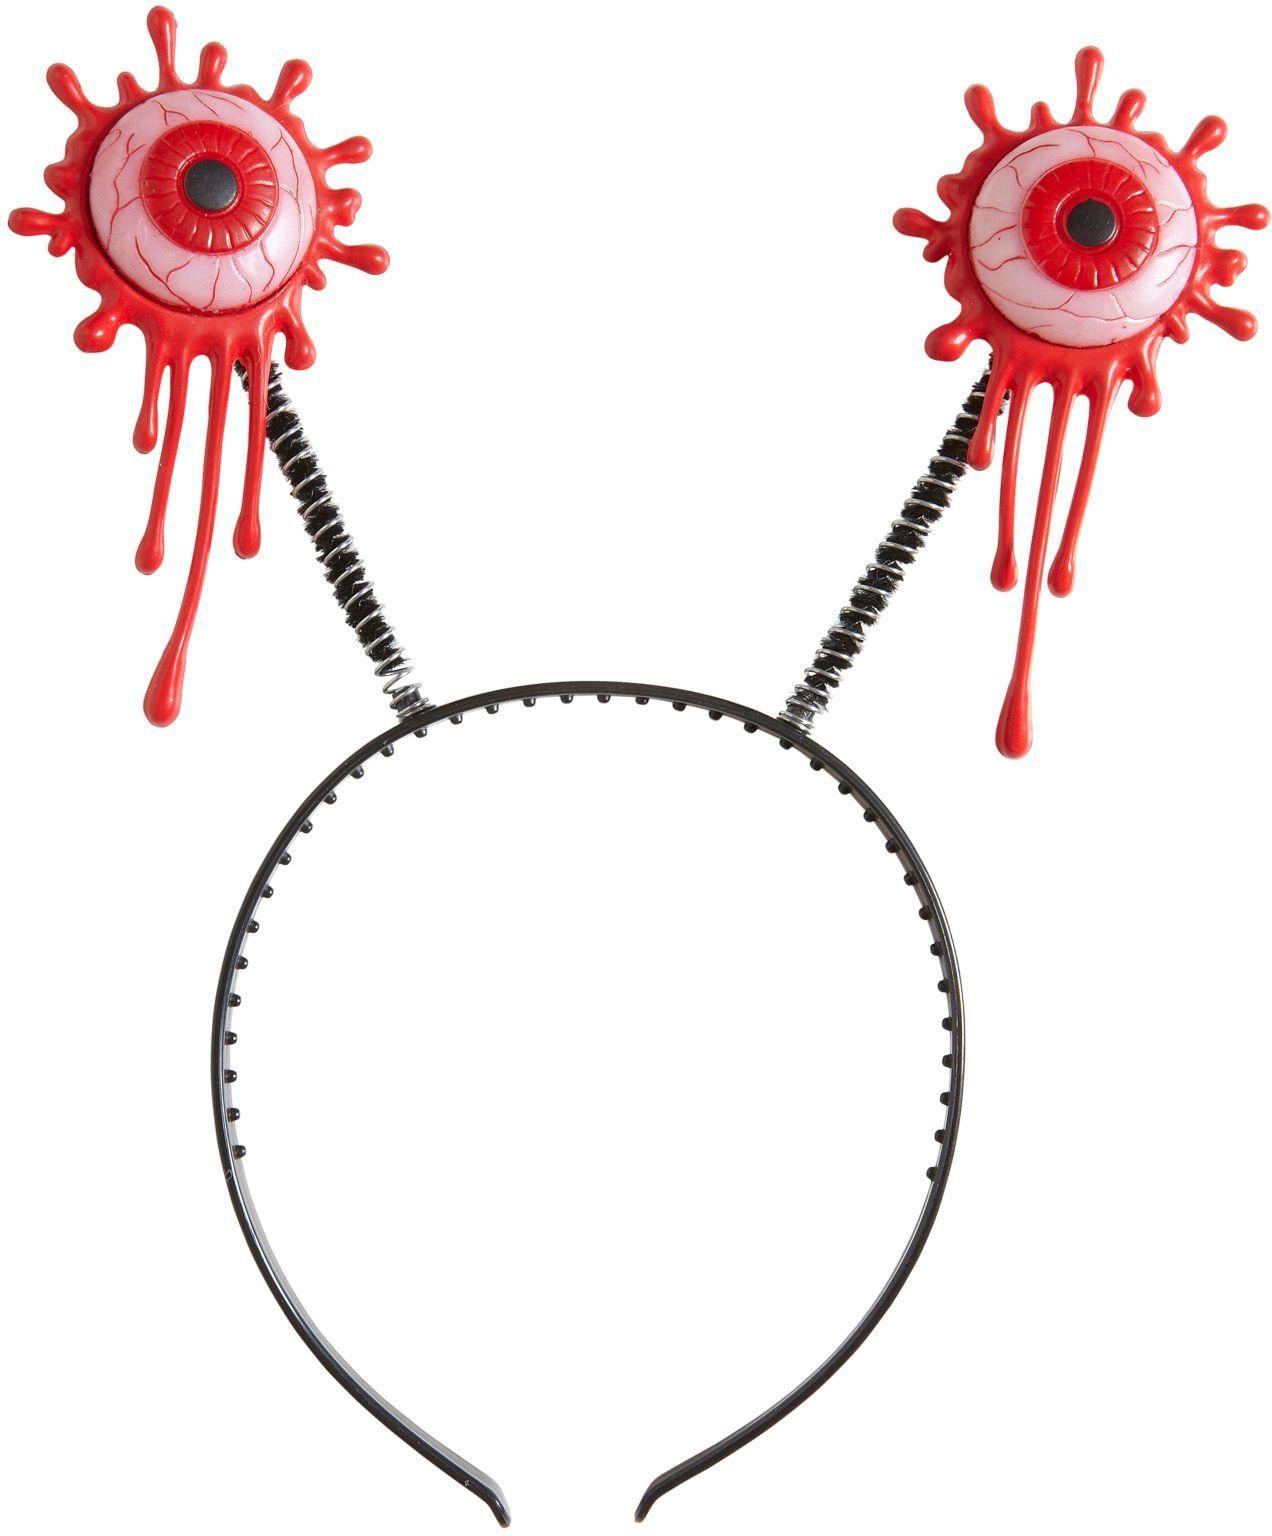 Bloederige ogen hoofdband